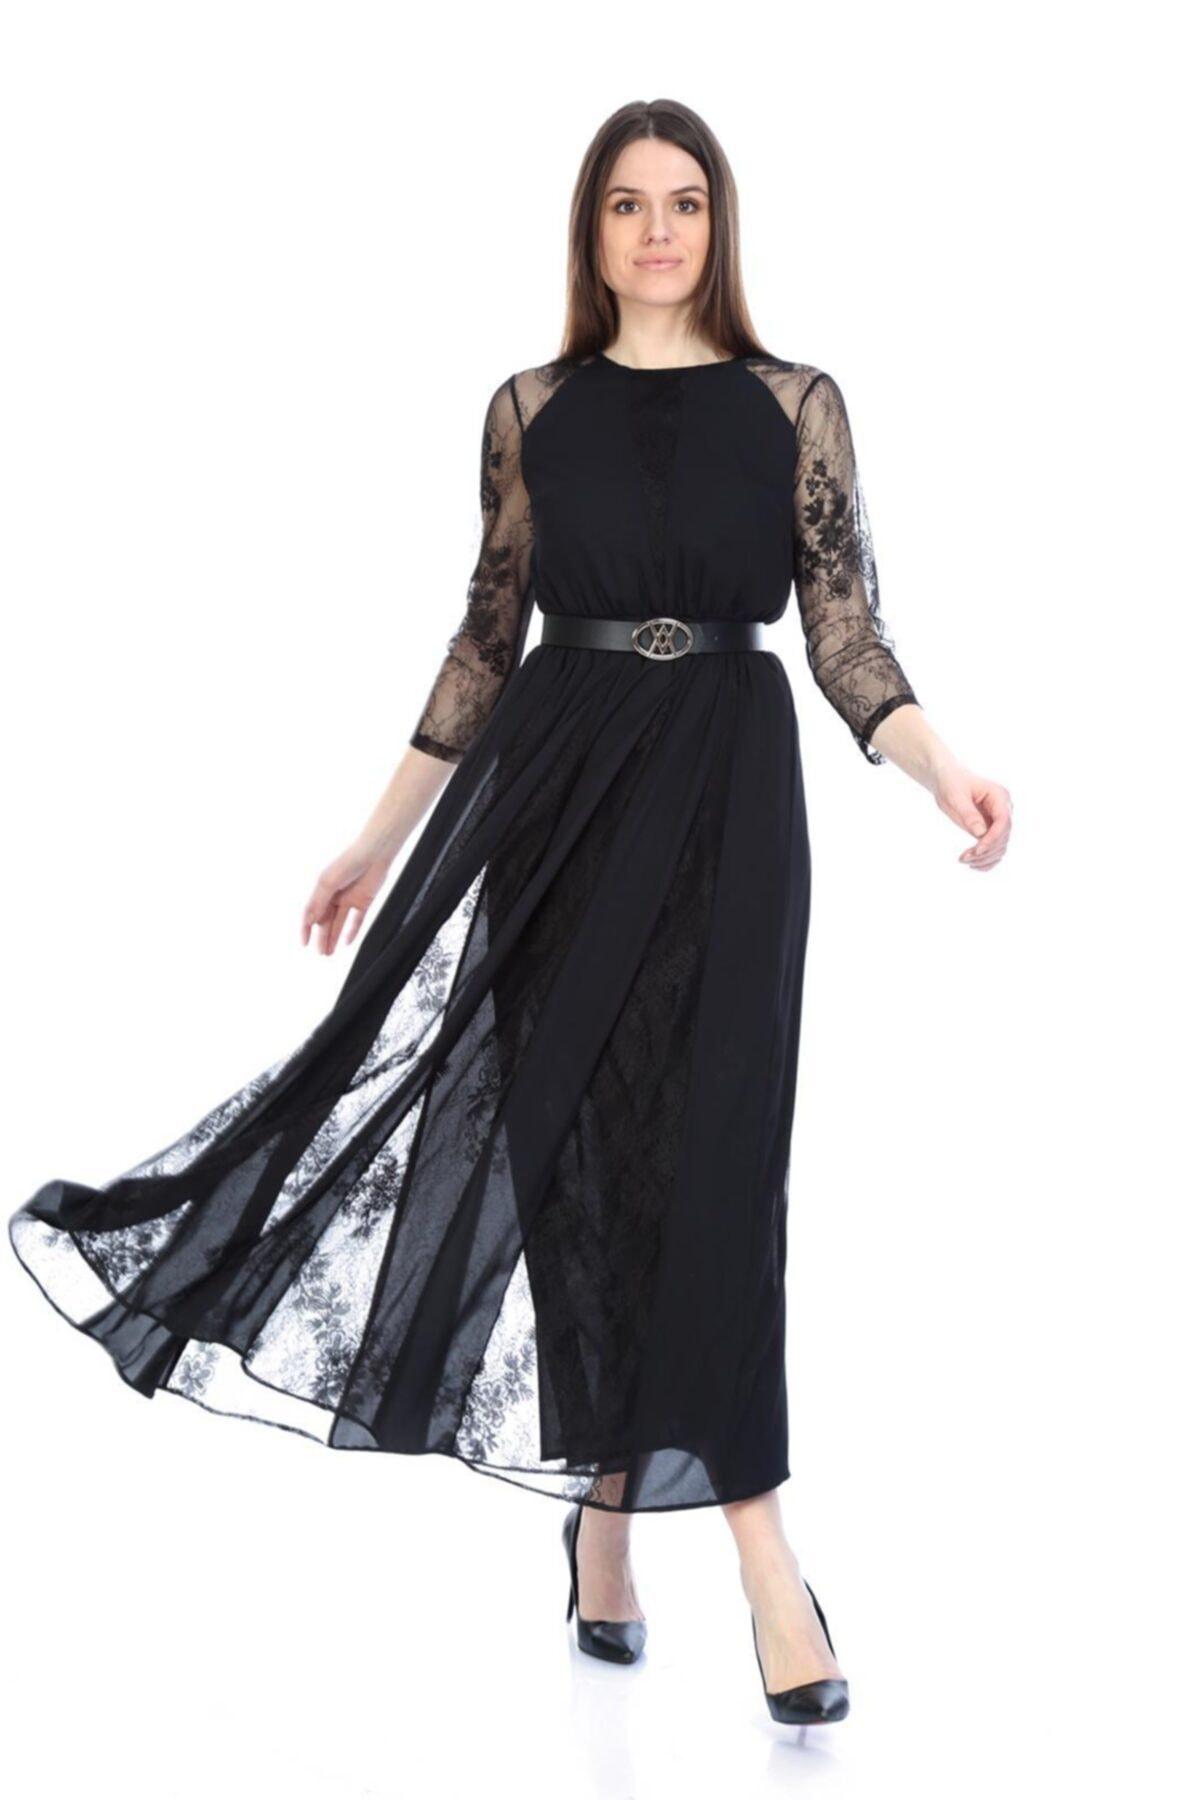 WOMMA Dantel Garnili Şifon Elbise 1